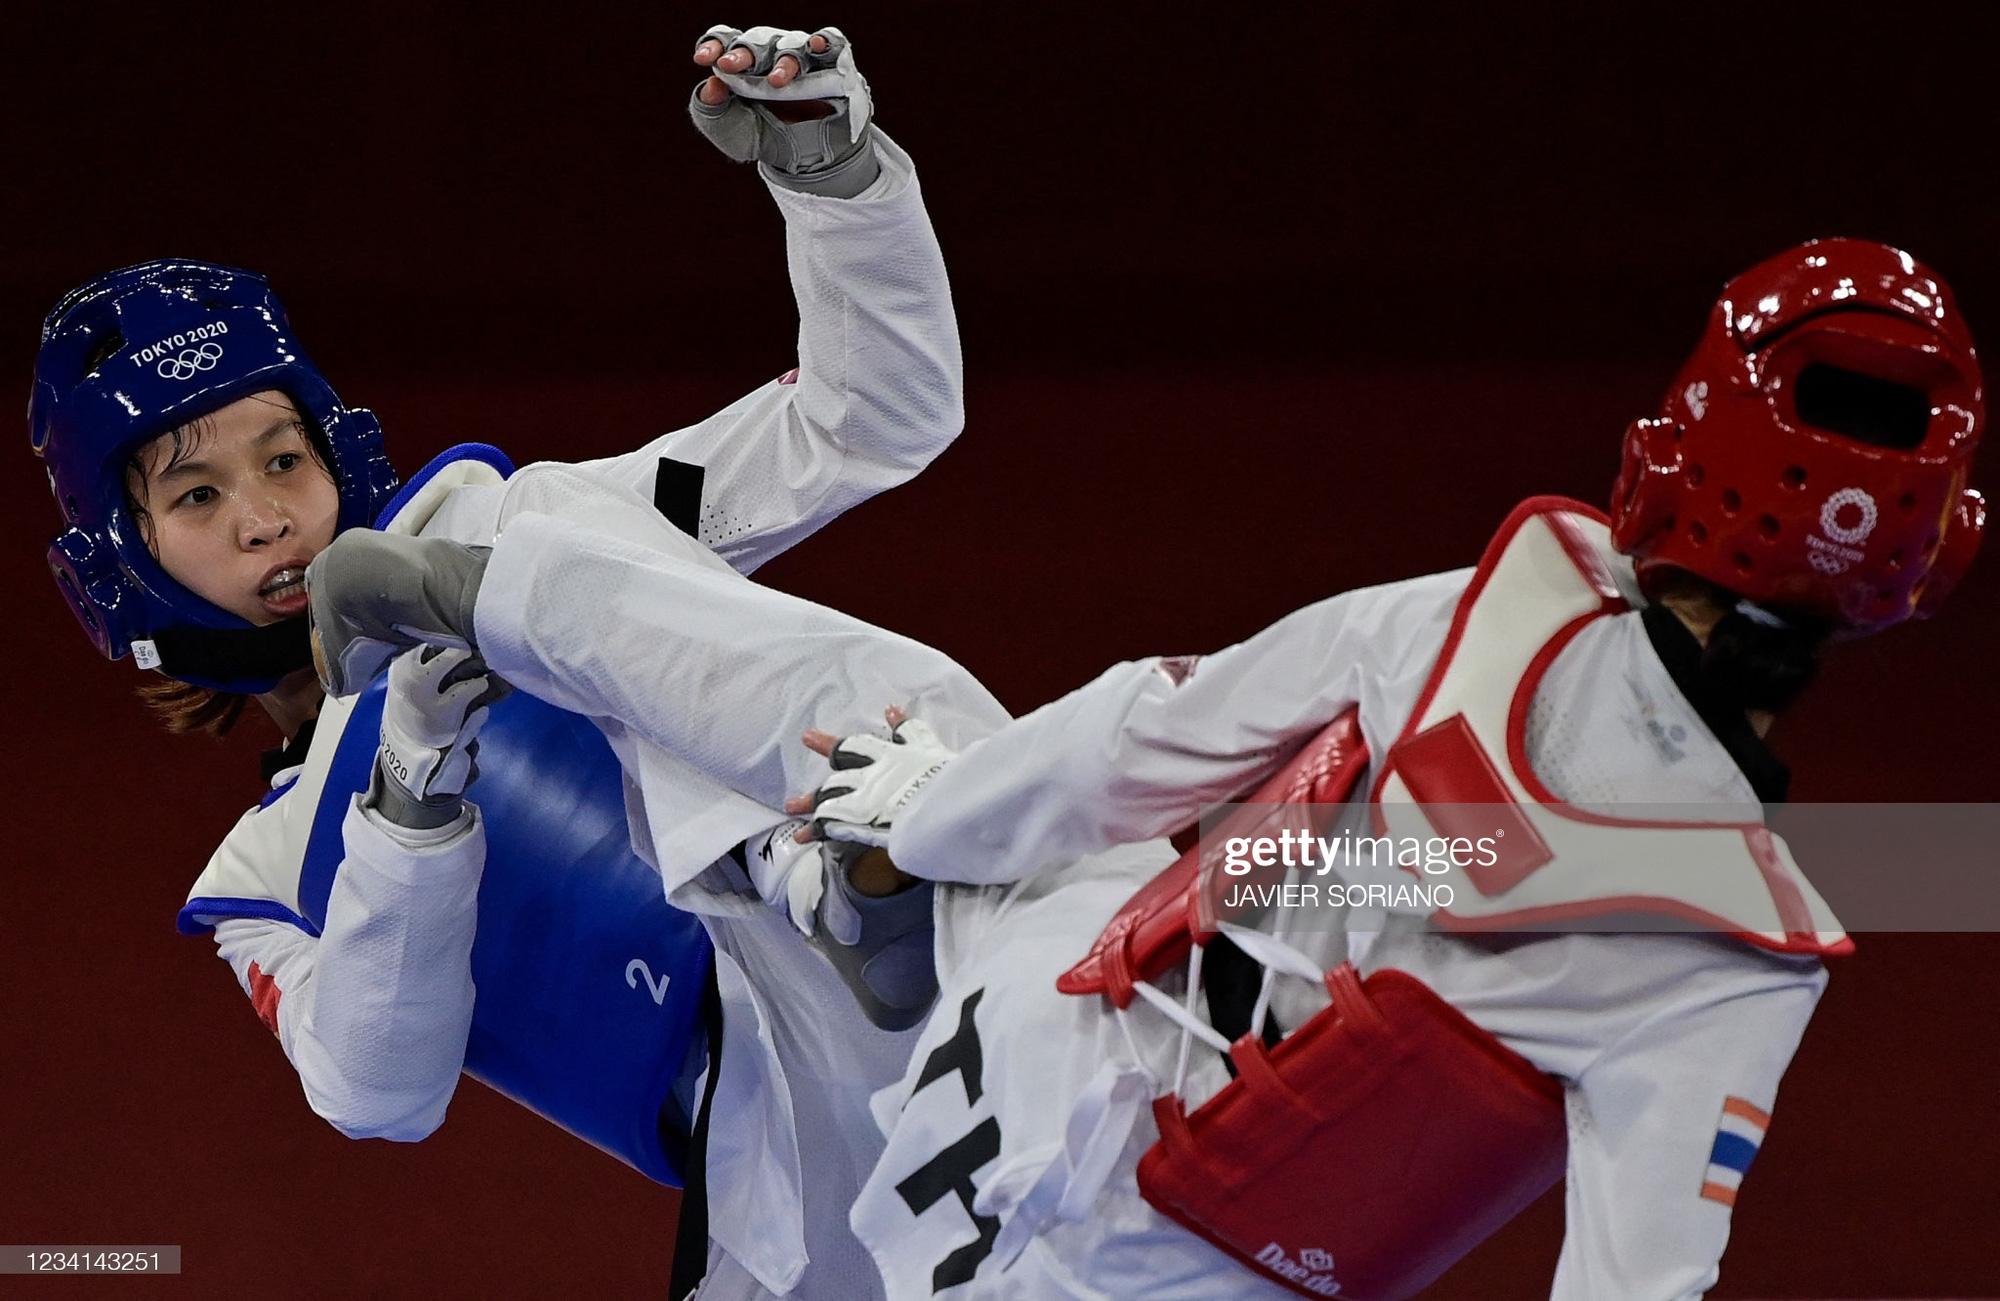 HLV ĐT Taekwondo Việt Nam nói gì khi Trương Thị Kim Tuyền thua võ sĩ Thái Lan? - Ảnh 1.